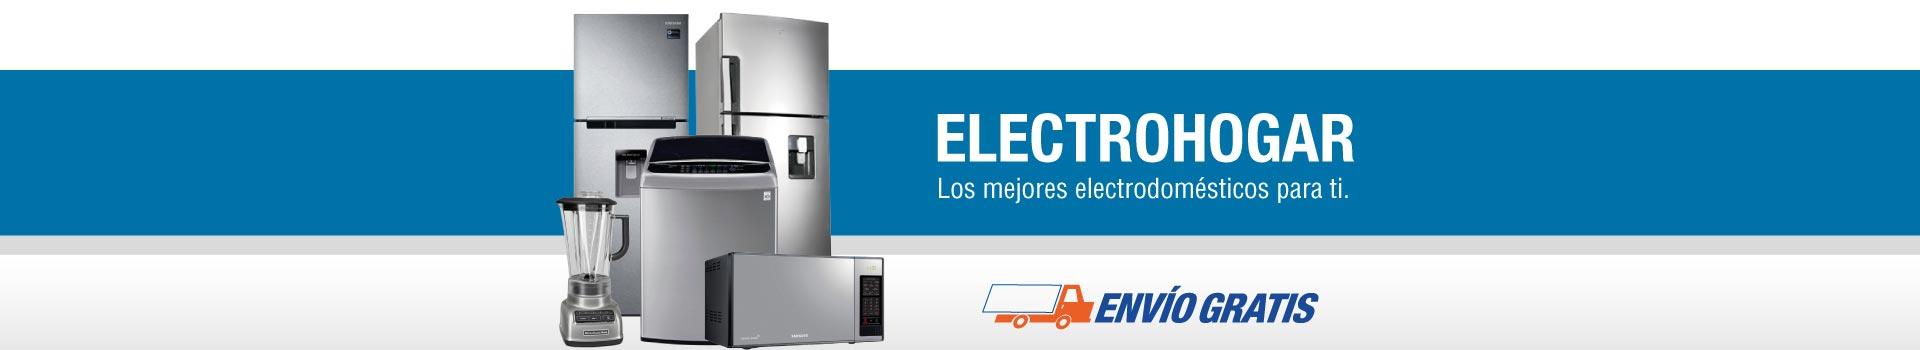 Electrohogar: Los mejores Electrodomésticos para ti - Categoría - Dic 5